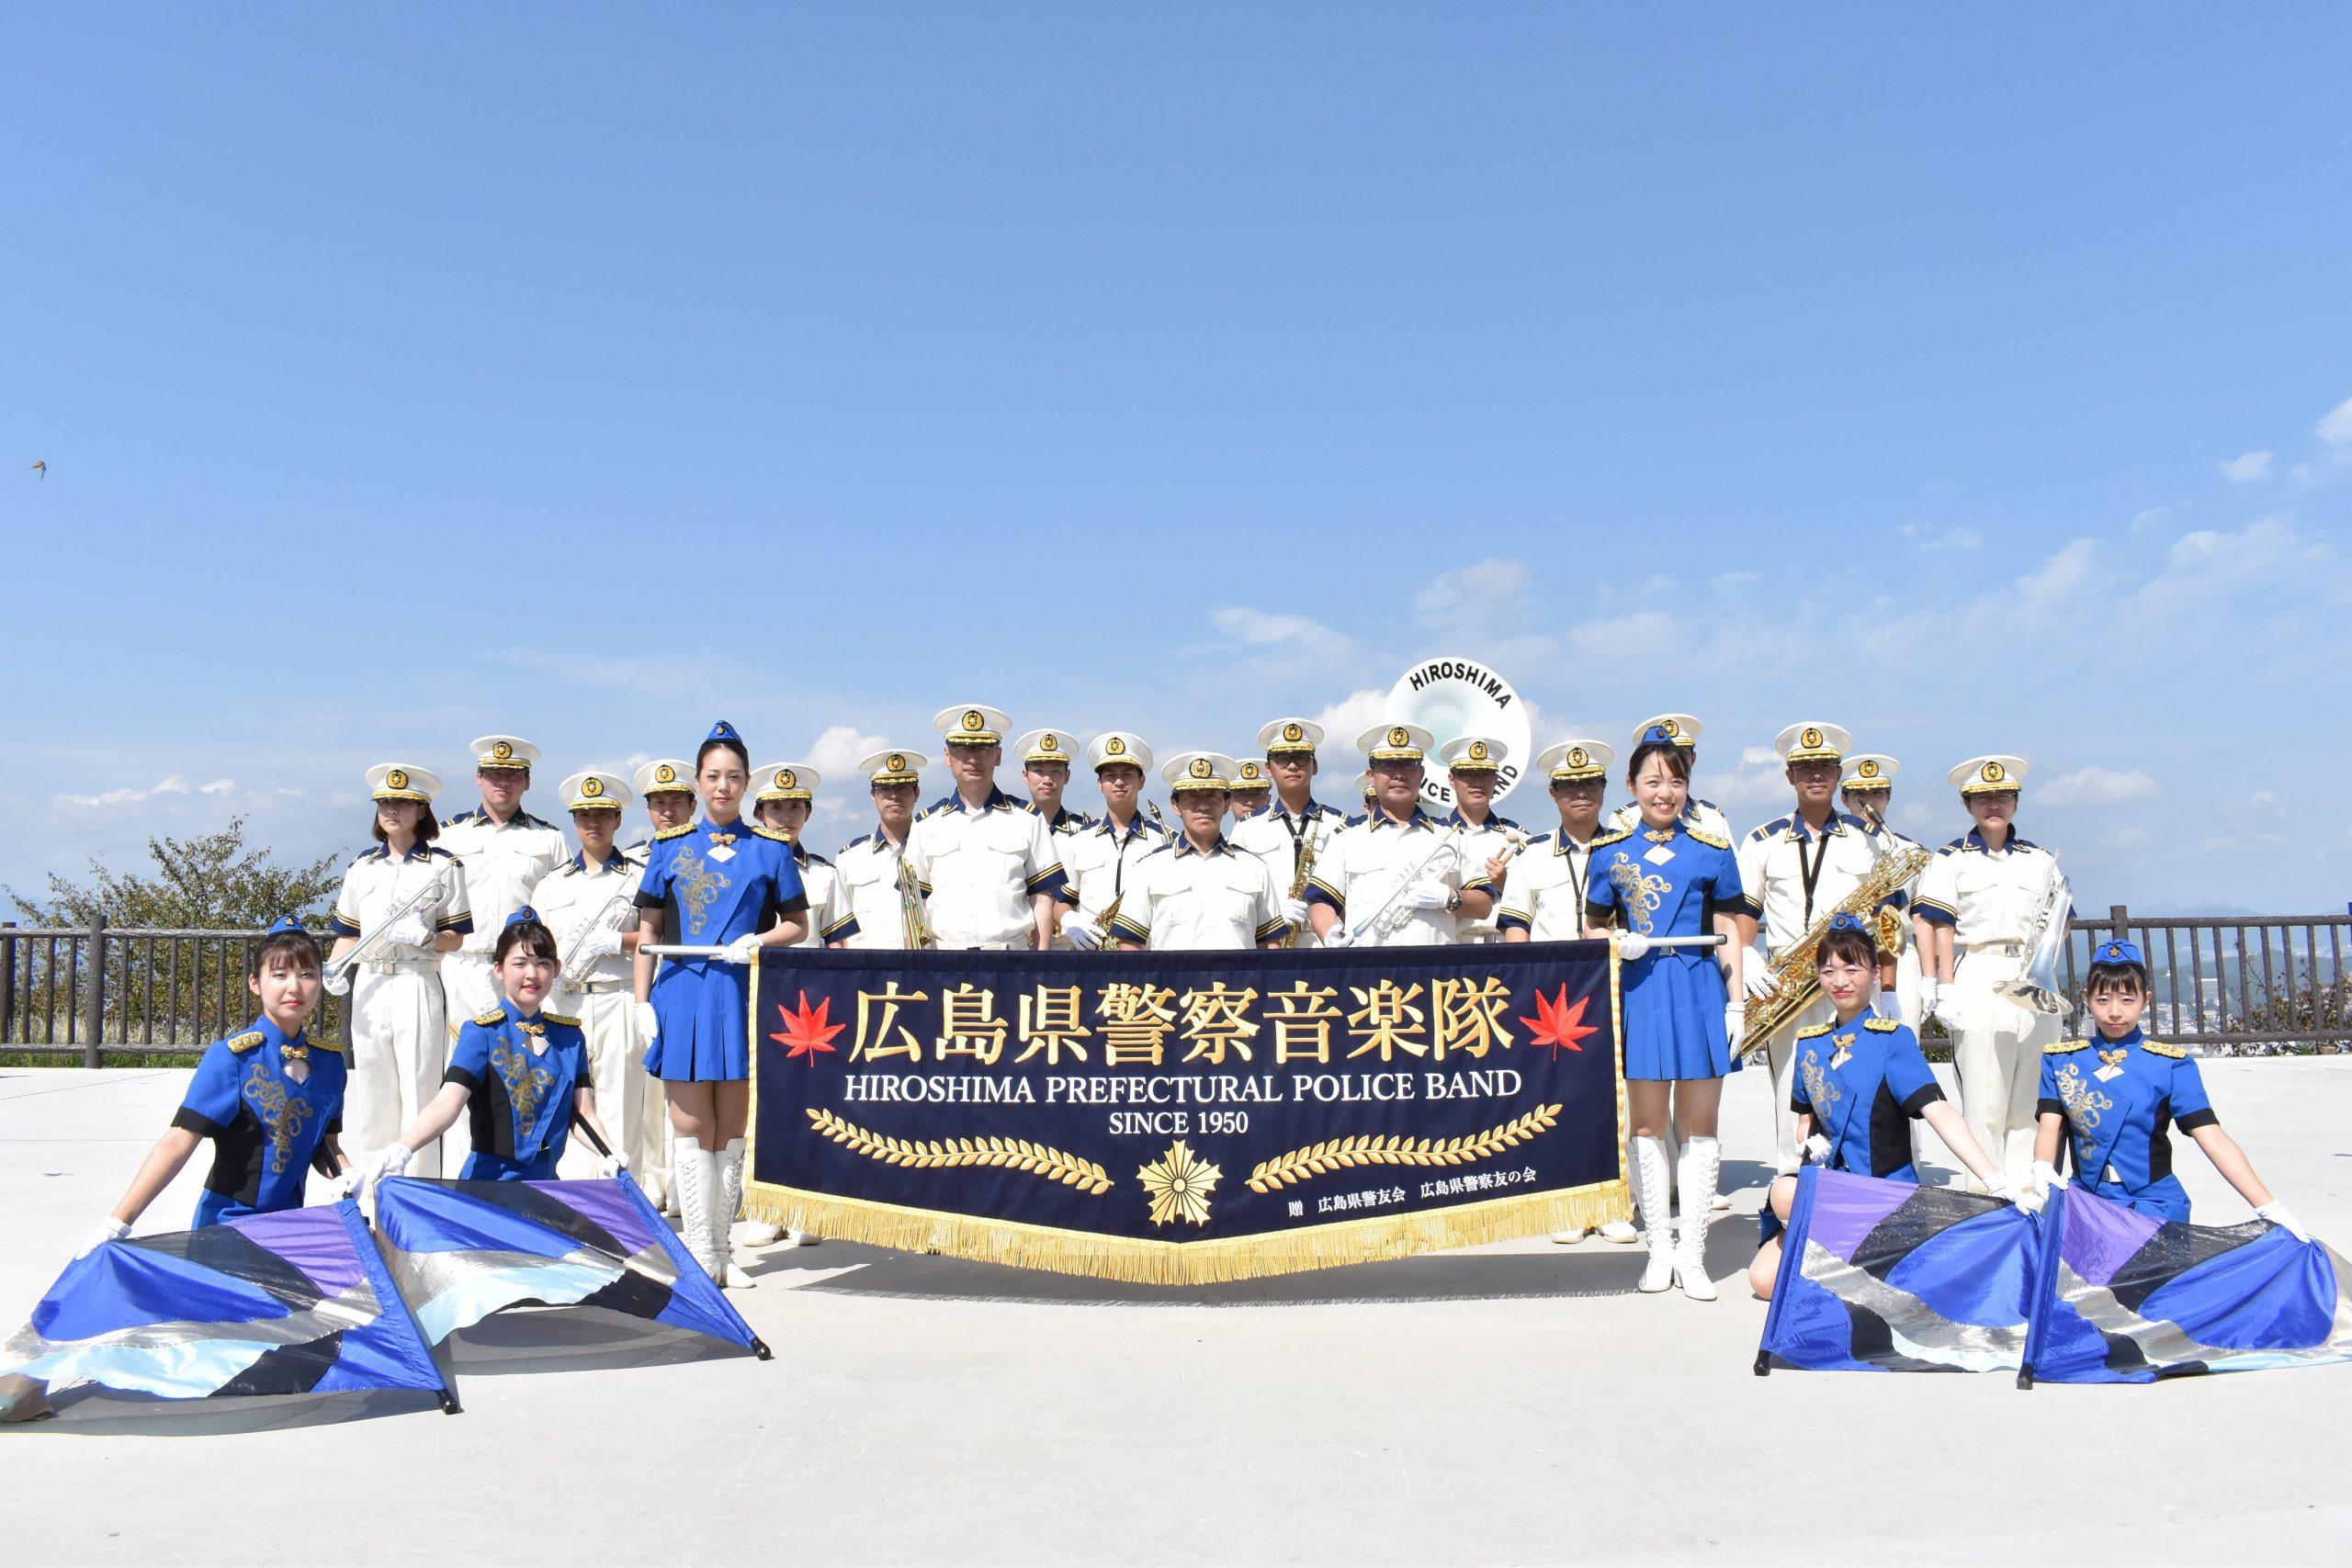 2021ひがしひろしま音楽祭 特別企画 広島県 警察音楽隊コンサート in くらら